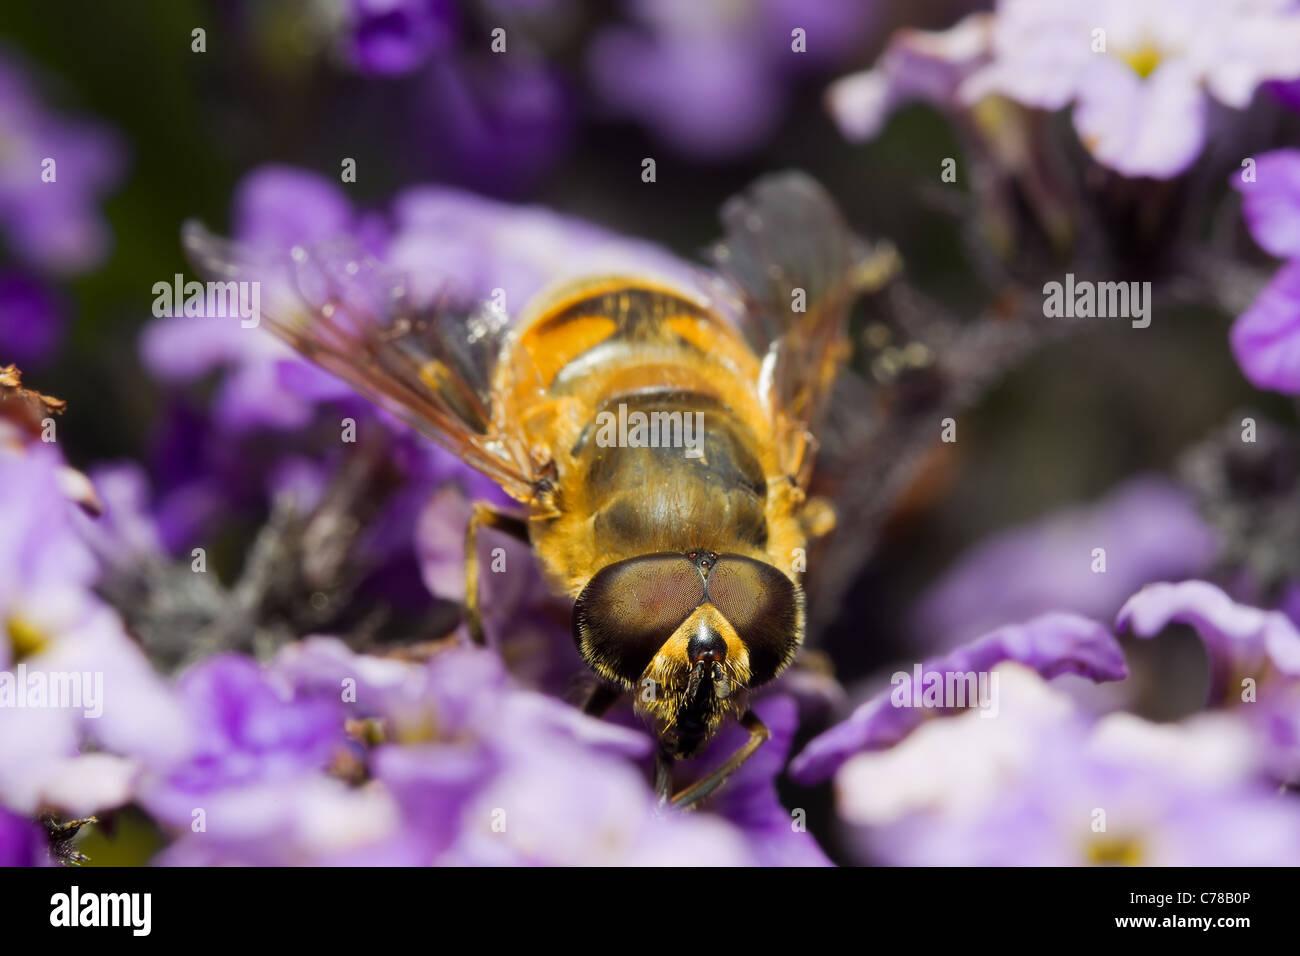 Fake Biene Myathropa Florea eine Wespe imitiert perfekt zu einem gemeinsamen Biene namens Mimetism Schuß an Stockbild